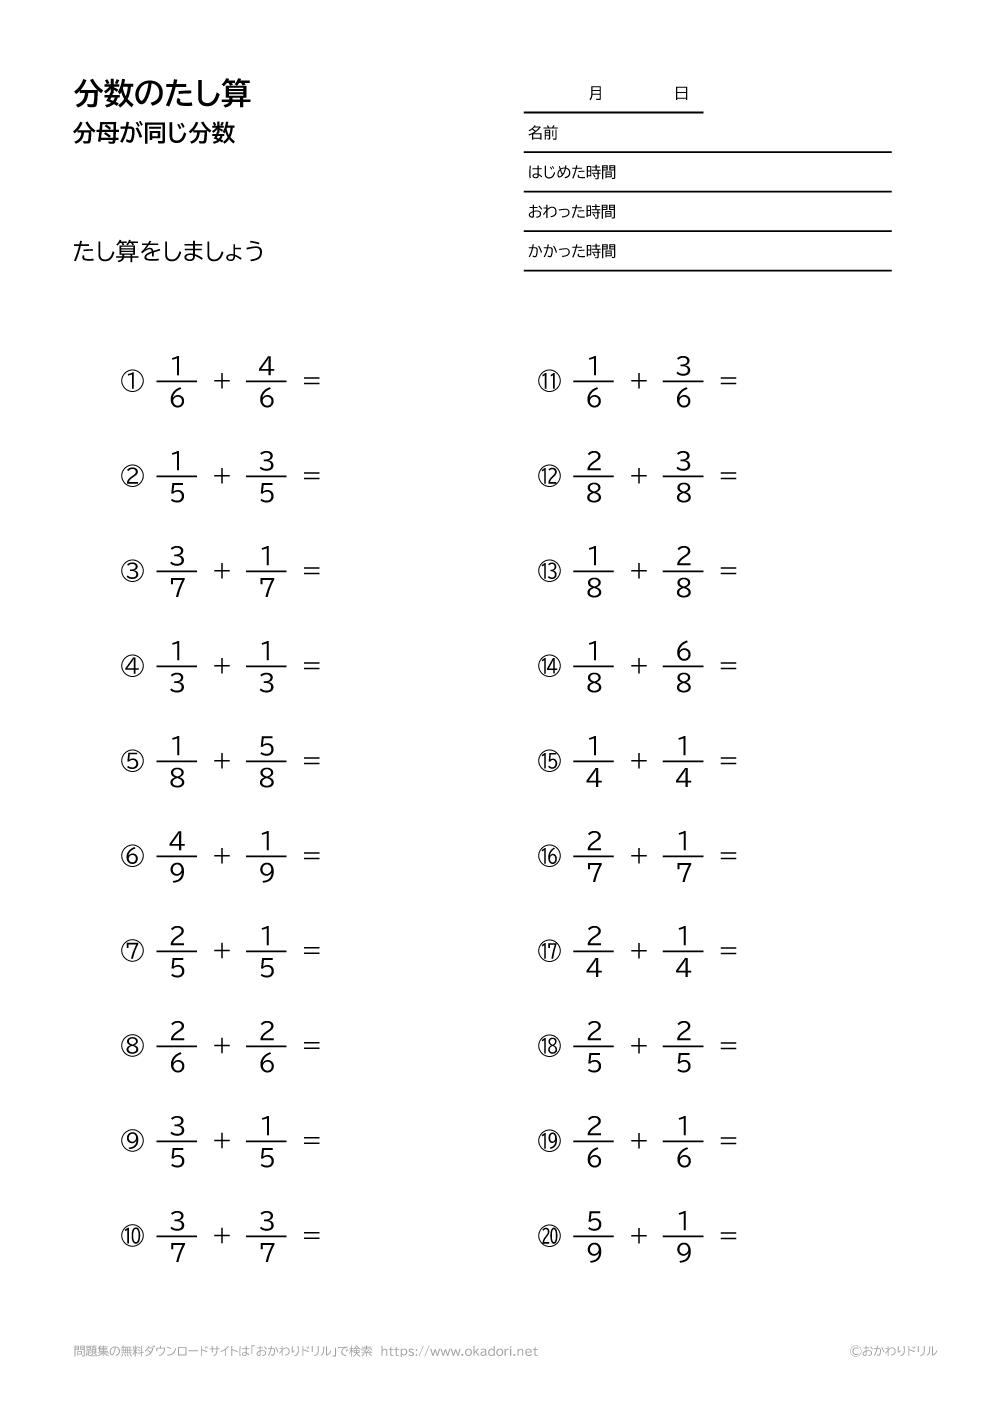 分母が同じ分数の足し算1